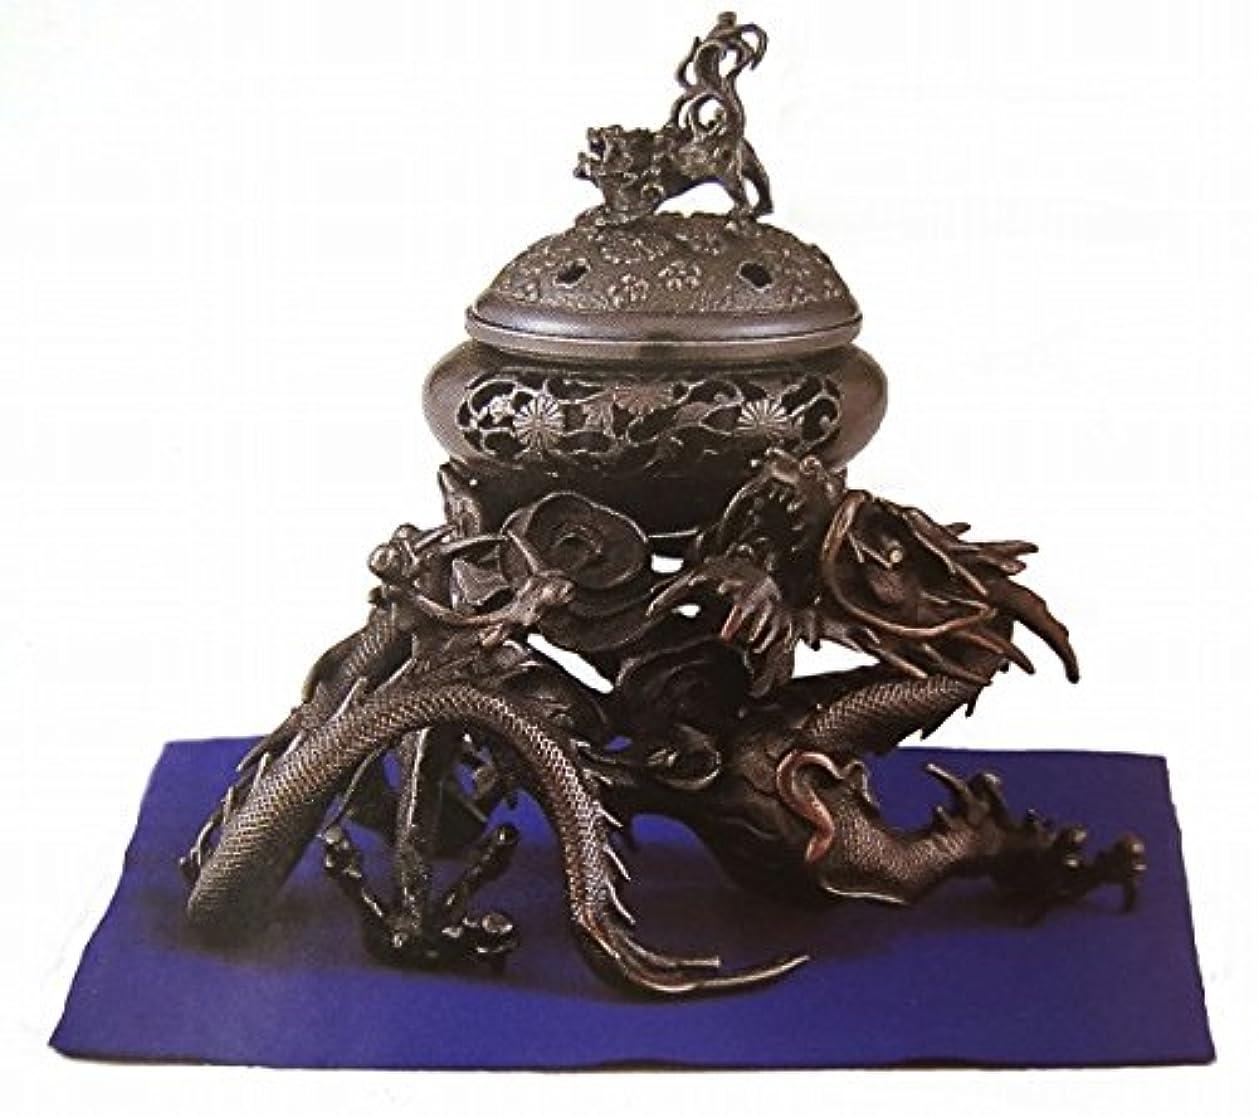 クレタボランティア情熱的『吉祥龍香炉』銅製